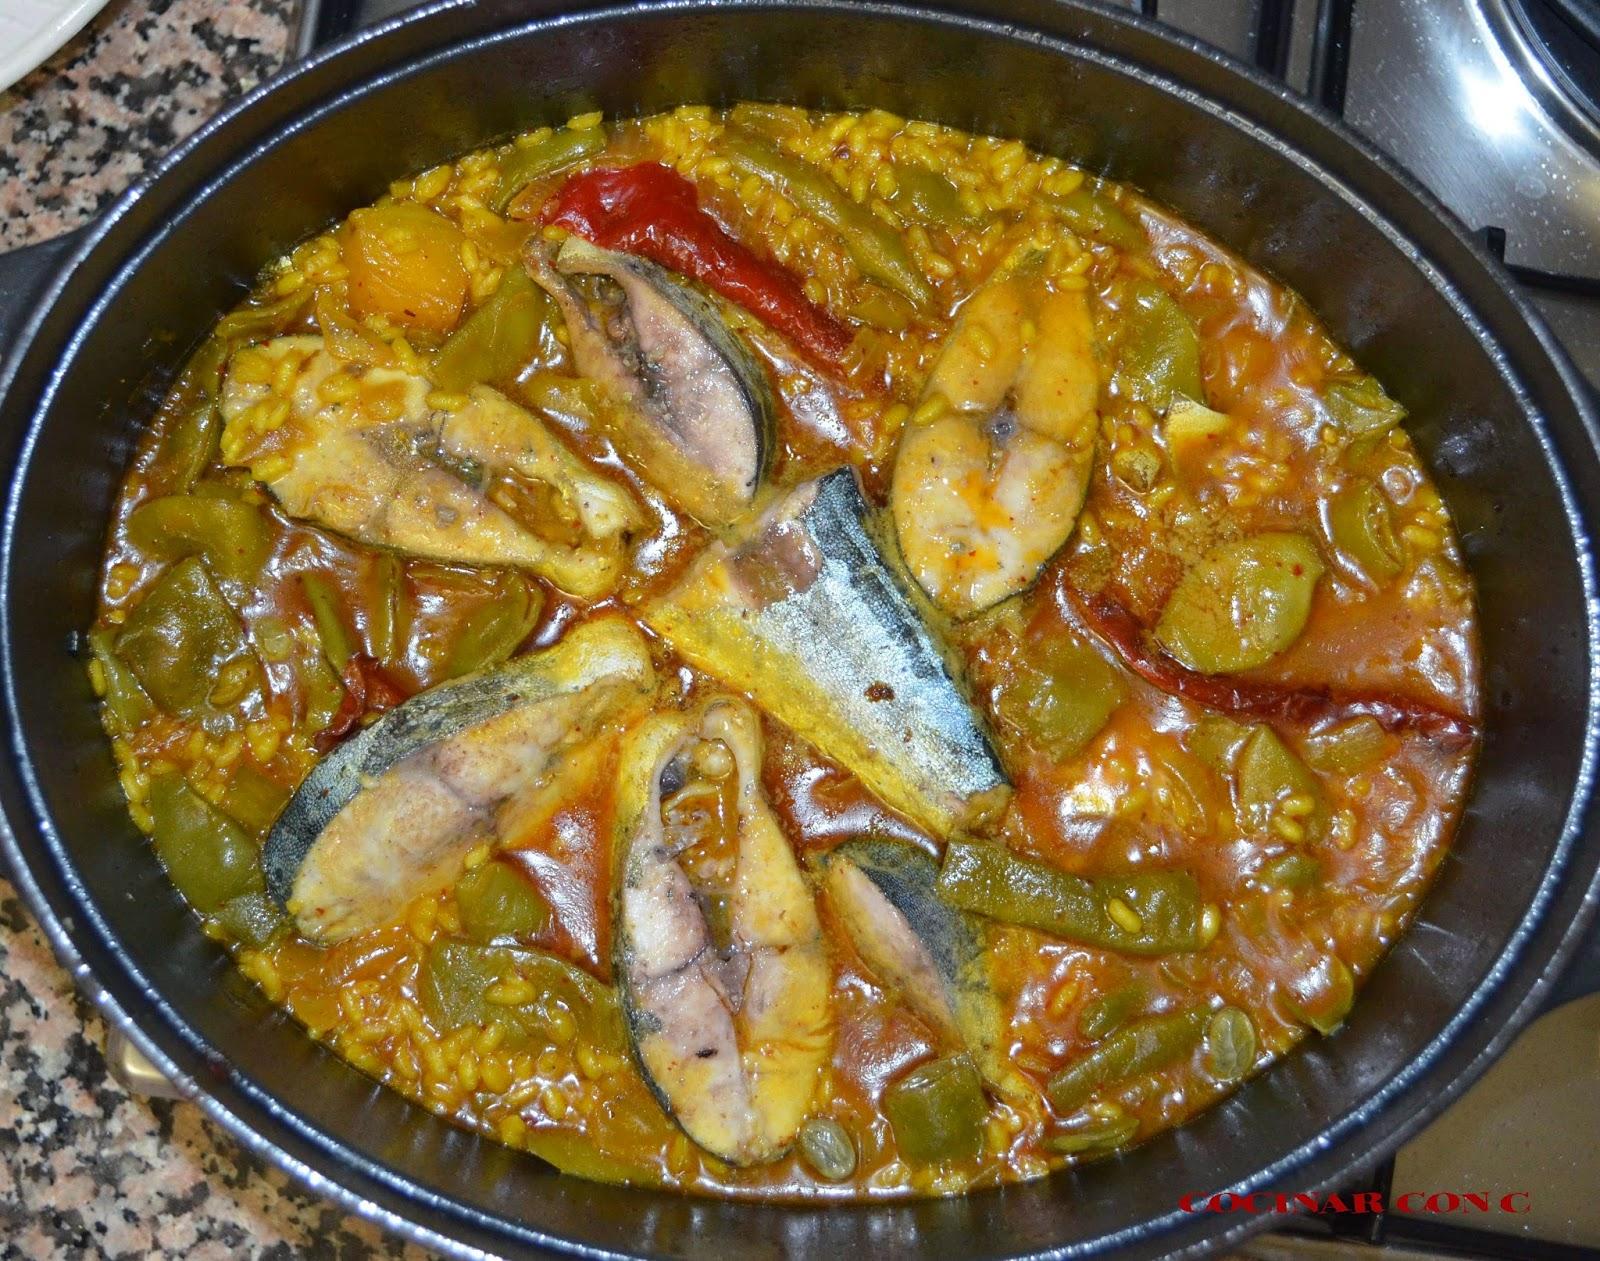 Cocinar con c arroz meloso de llampuga y calabaza for Cocinar fideos de arroz